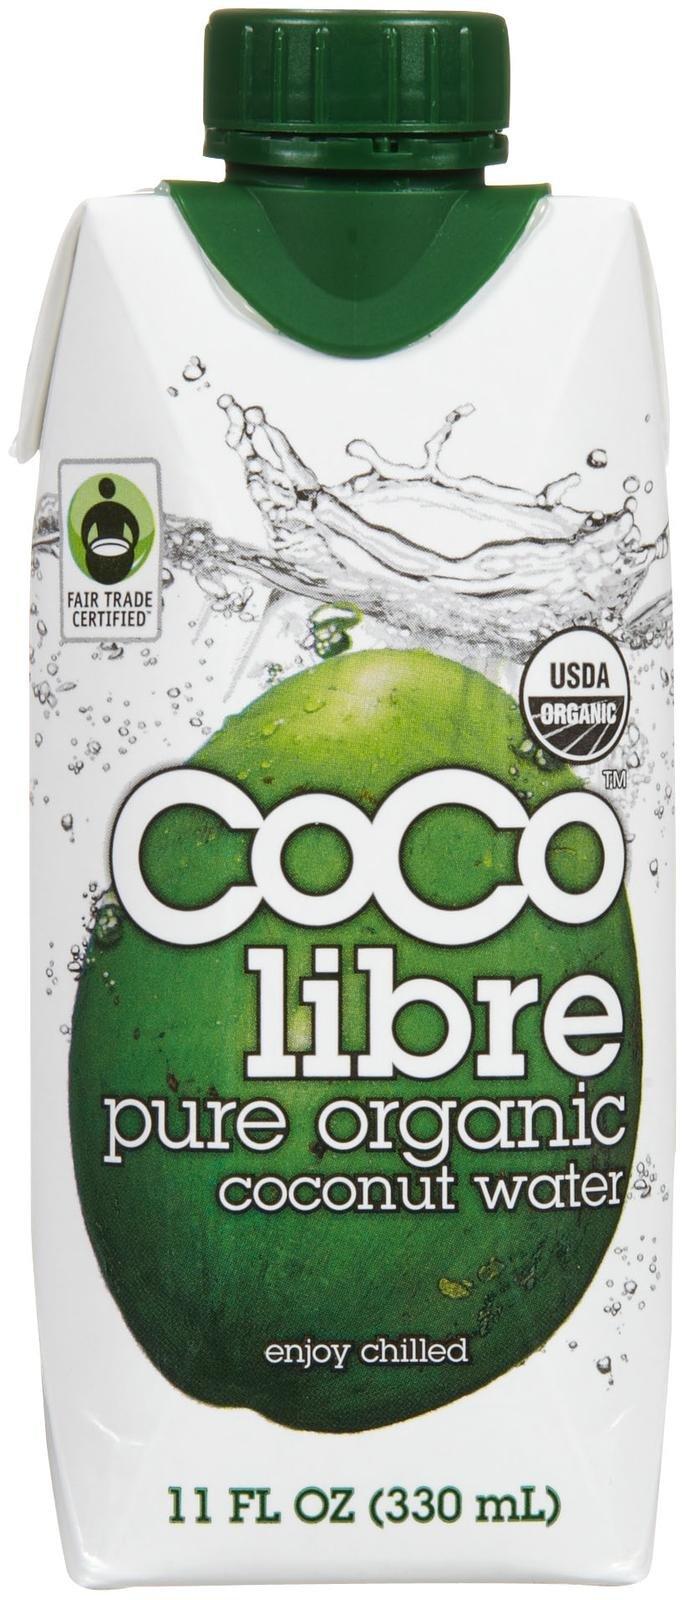 CoCo Libre Original Coconut Water